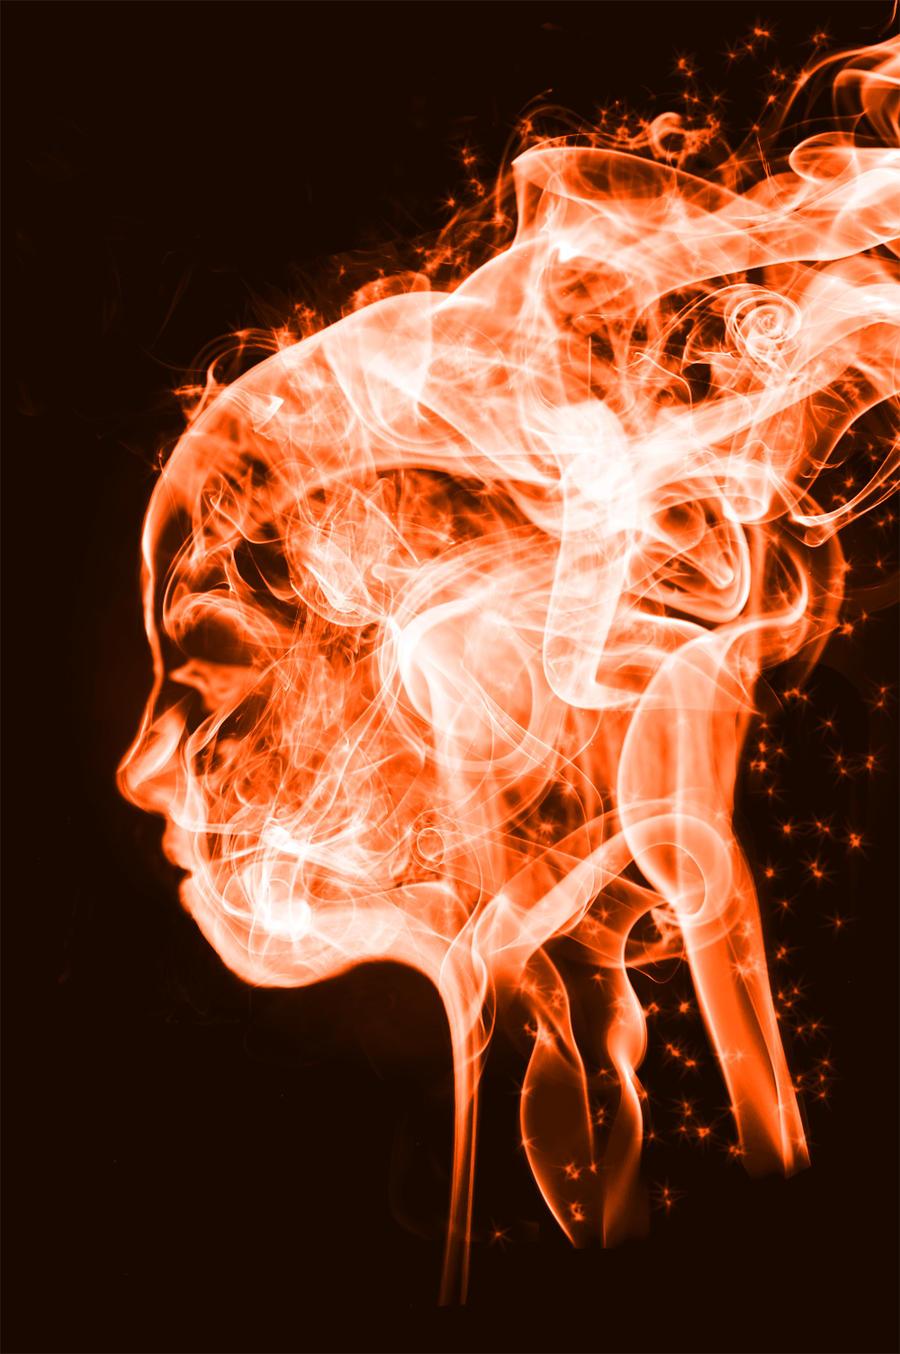 Fire + Smoke Portrait by grayDeviant